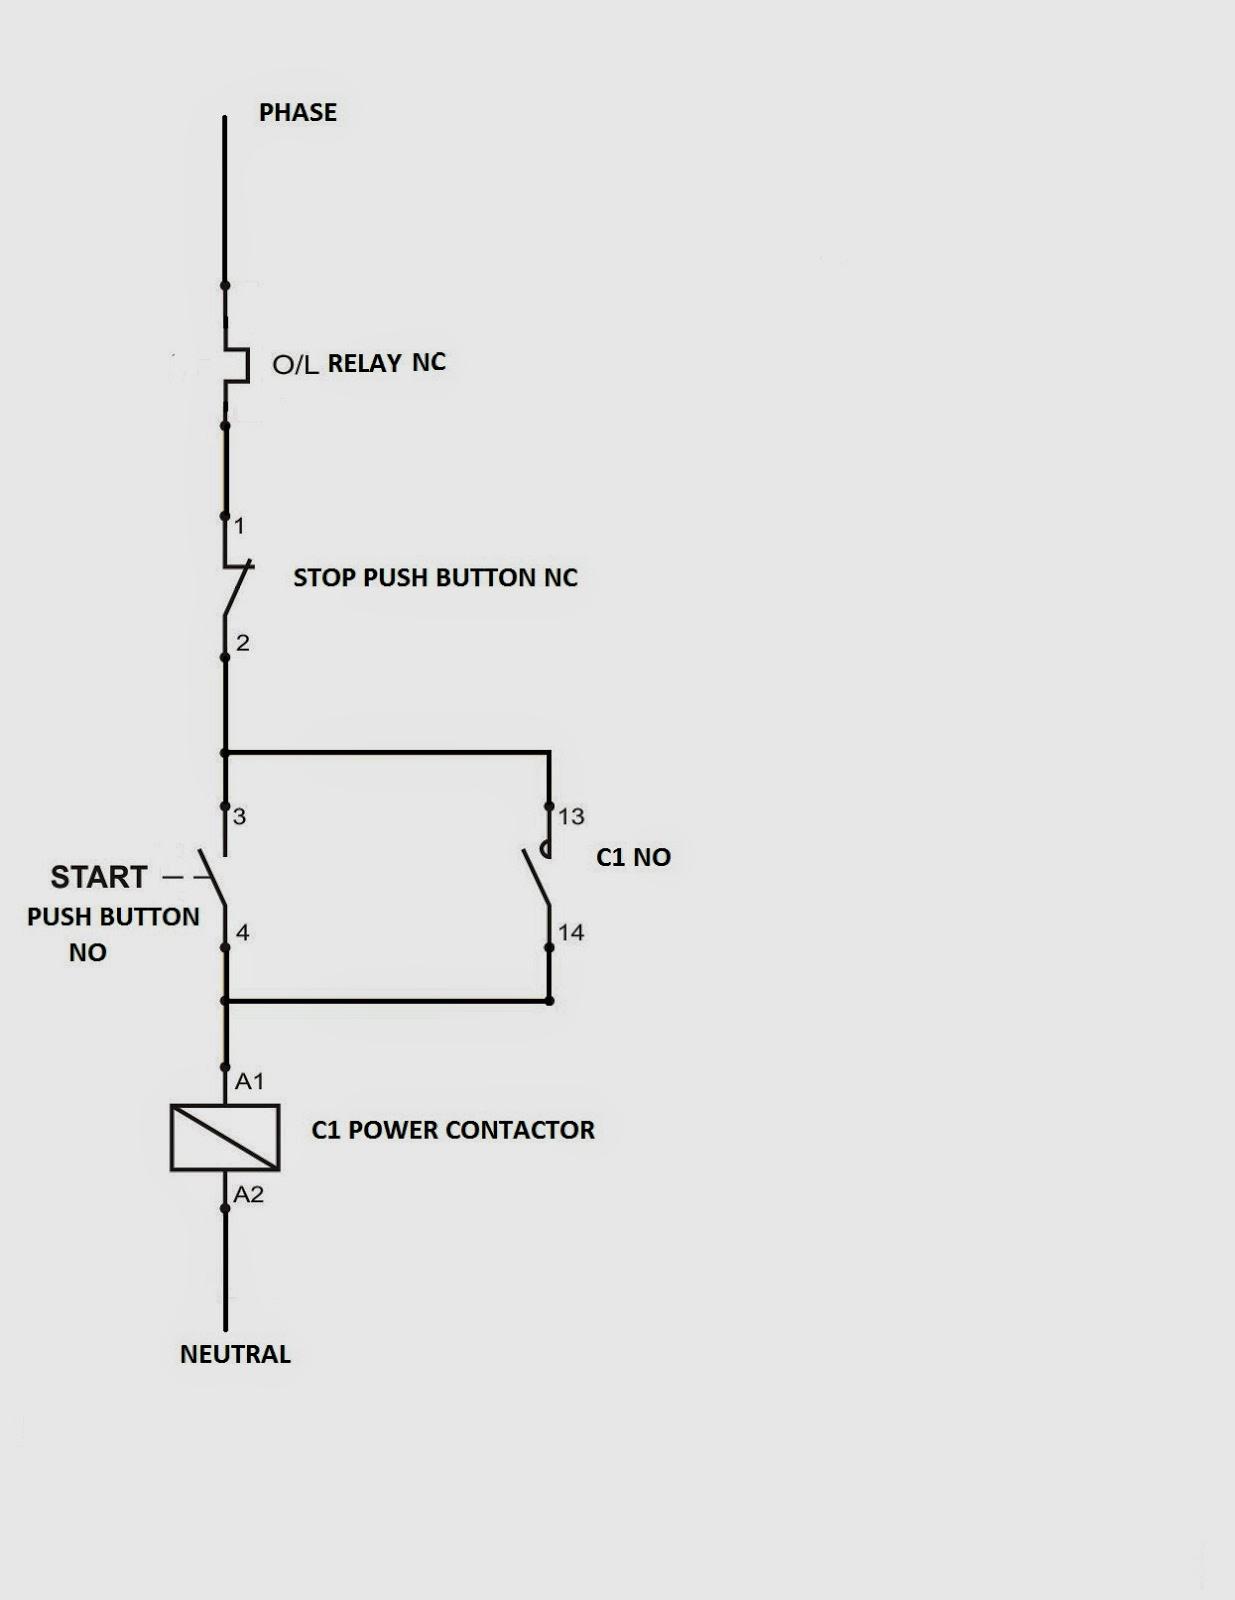 Electrical Standards: Direct Online (DOL) Starter